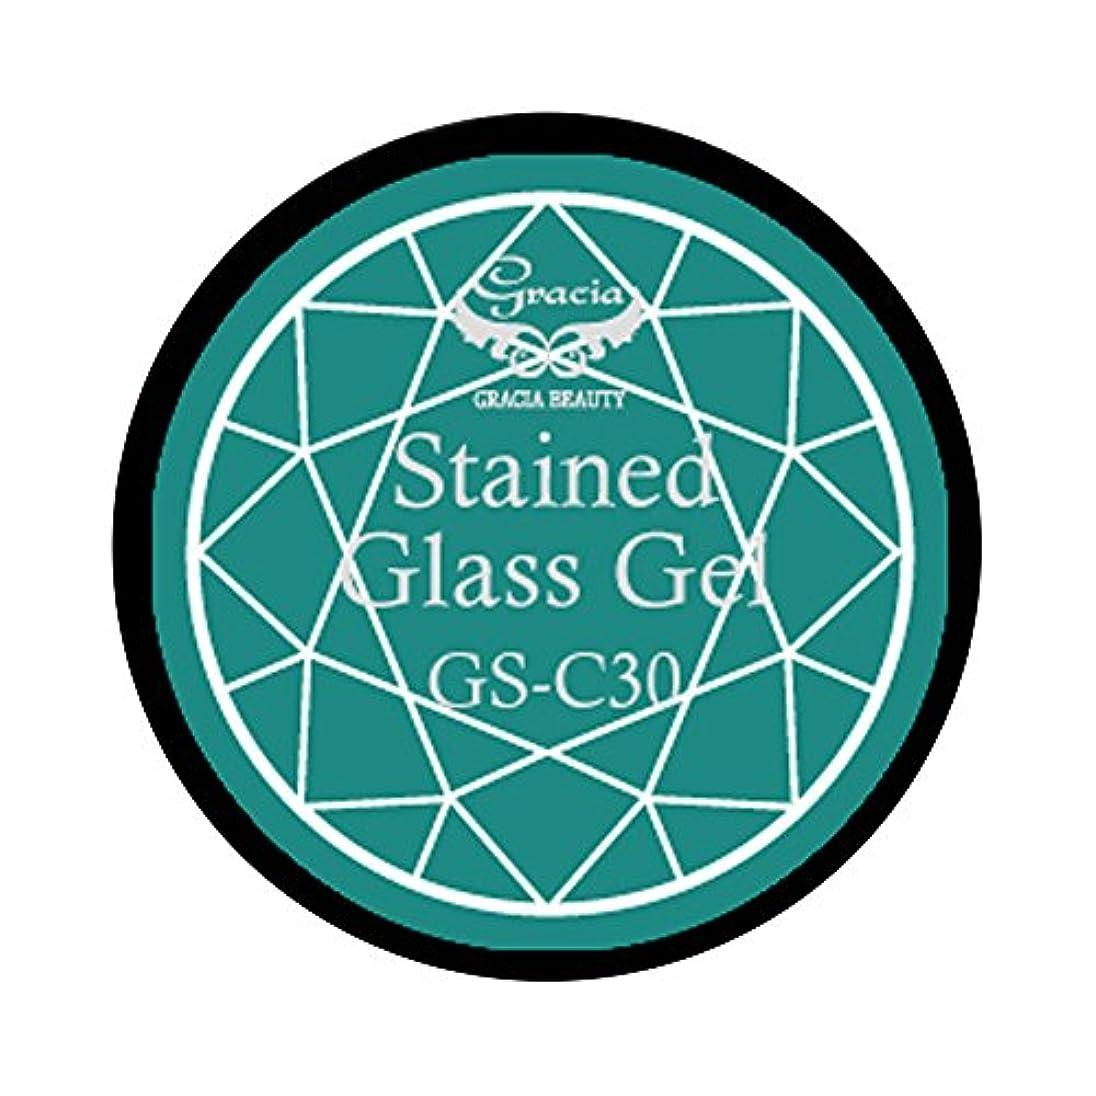 寄託移行ワークショップグラシア ジェルネイル ステンドグラスジェル GSM-C30 3g  クリア UV/LED対応 カラージェル ソークオフジェル ガラスのような透明感